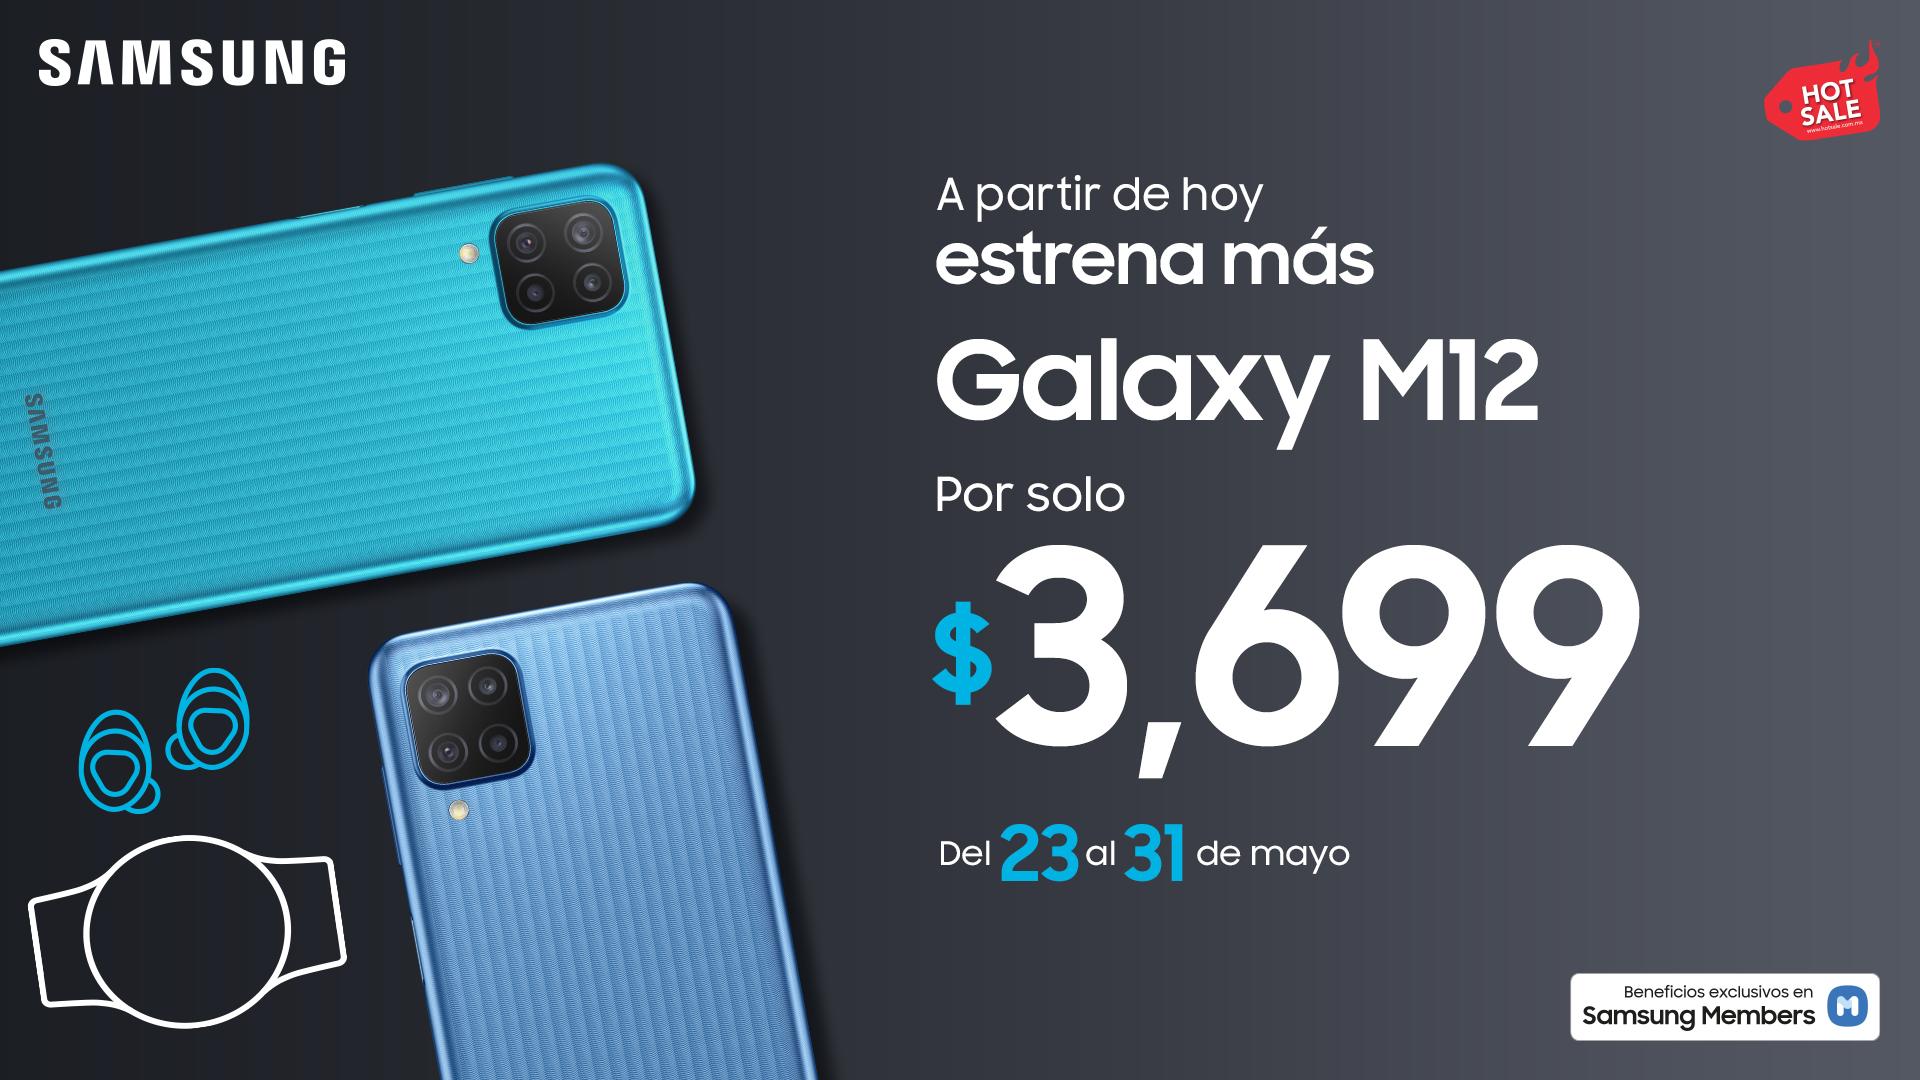 Samsung presenta Galaxy M12 con procesador Exynos 850 octa-core de 8 núcleos